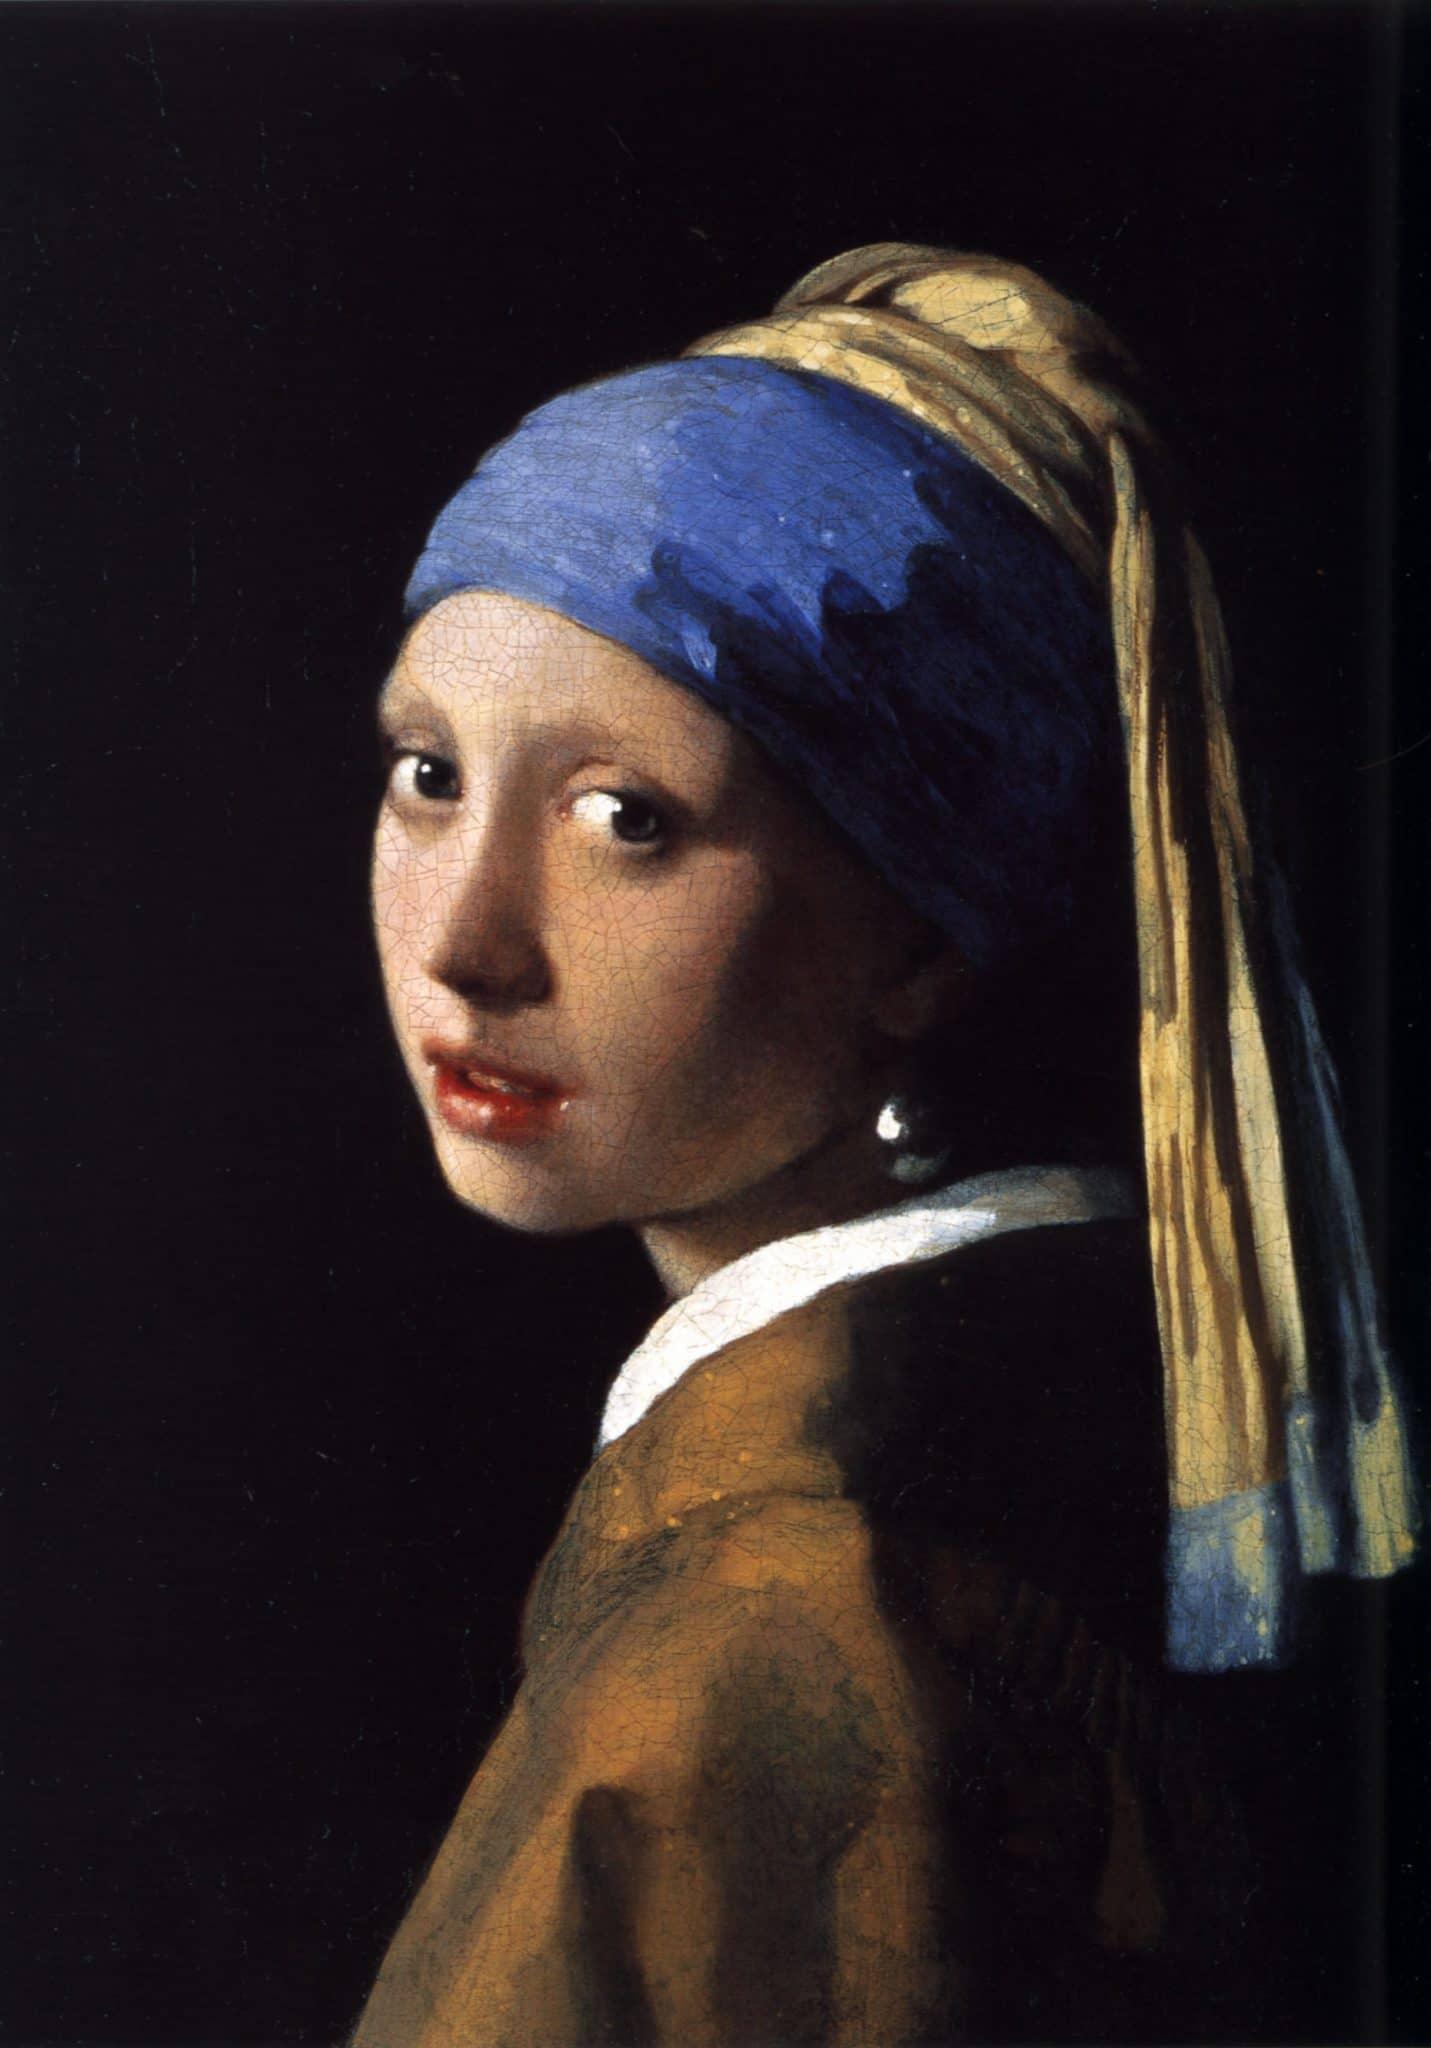 rapariga com brinco de pérola de vermeer - visita virtual